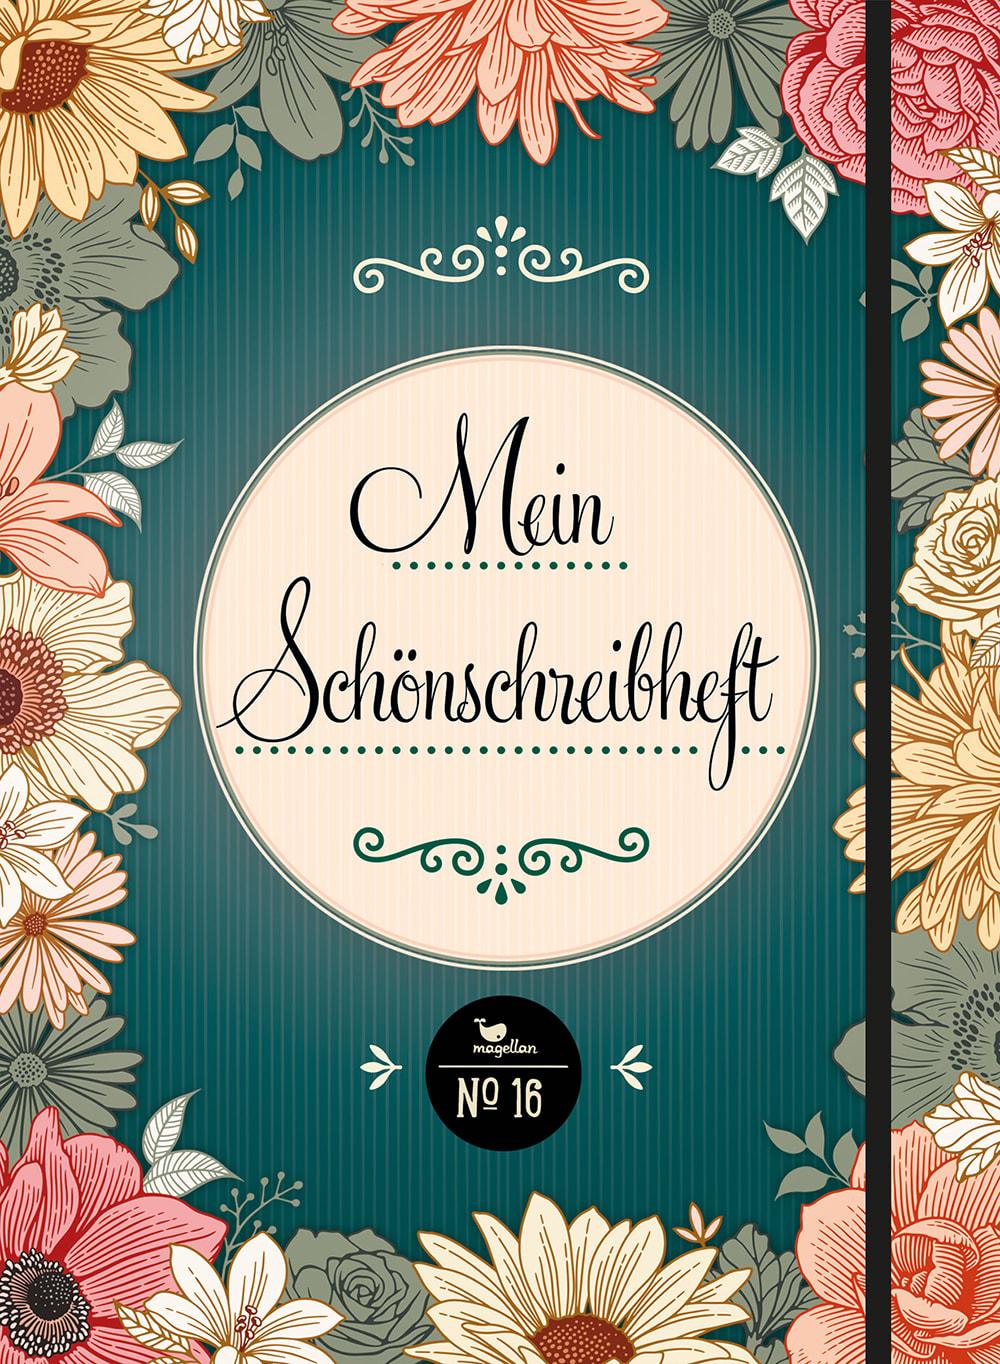 Notizbuch No. 16 - Schönschreibheft